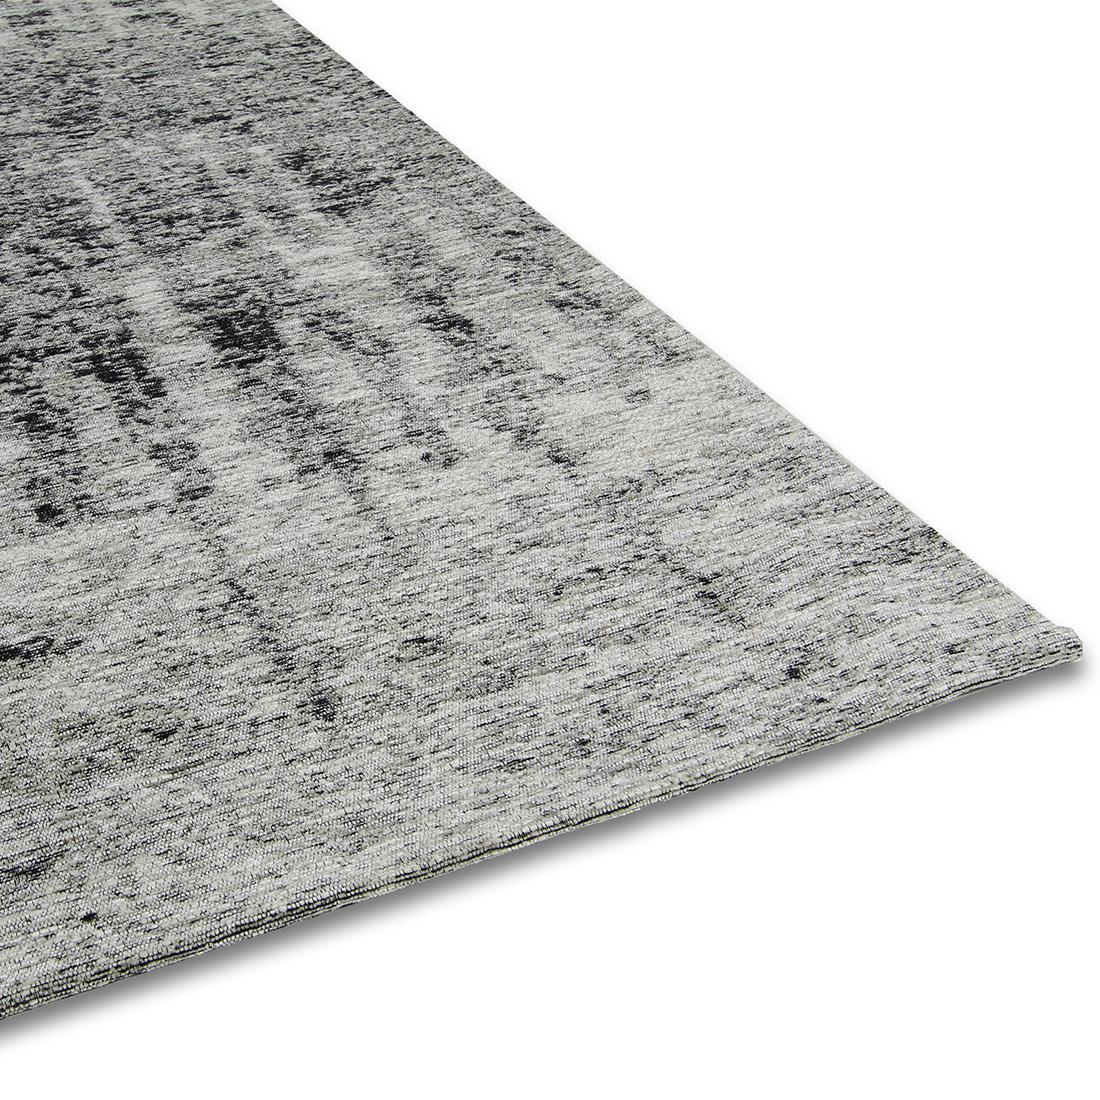 Vloerkleed Brinker Varoy Grey   200 x 300 cm